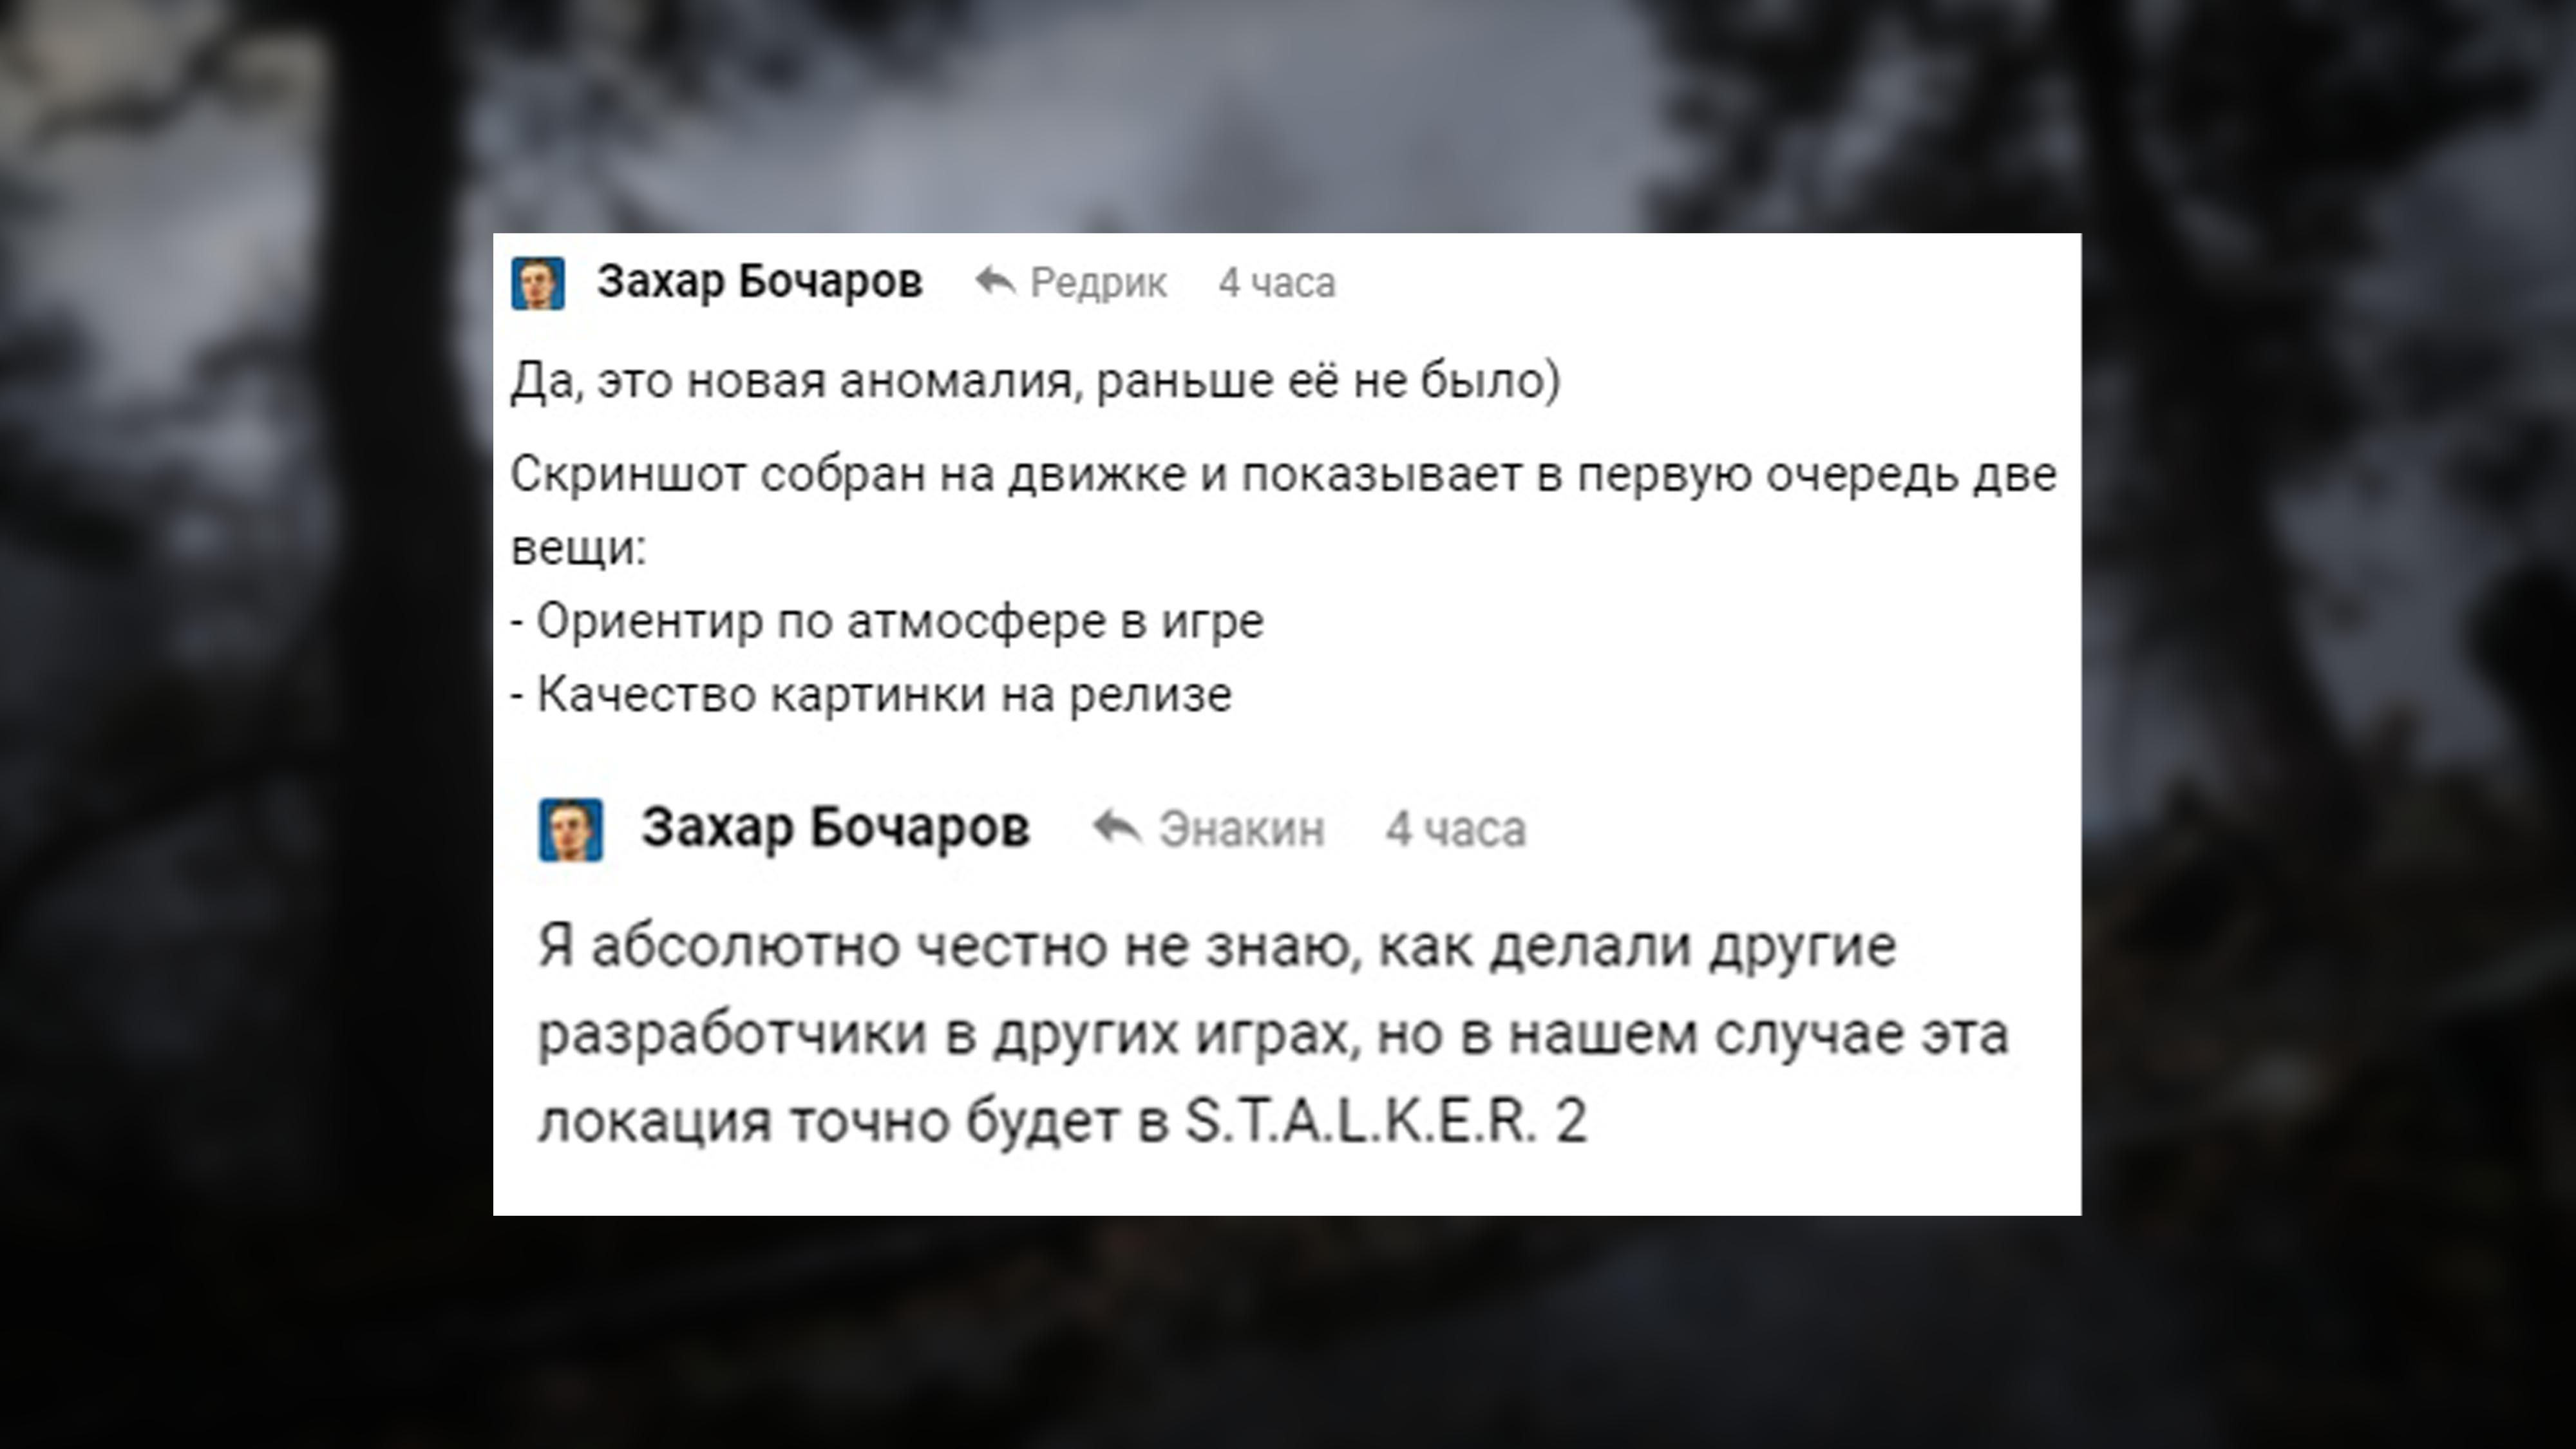 S.T.A.L.K.E.R. 2 на релизе будет выглядеть так же, как и скриншот из редактора Unreal Engine 4